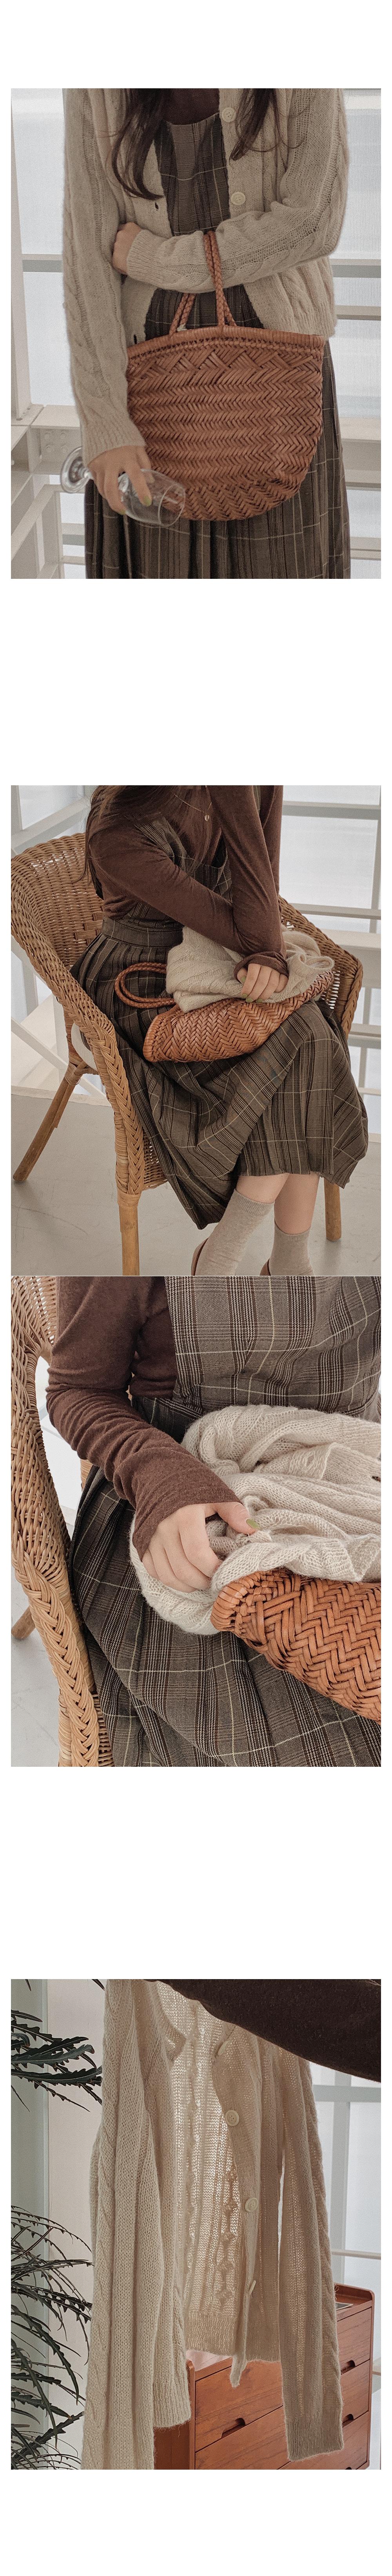 Bethdy wool cardigan